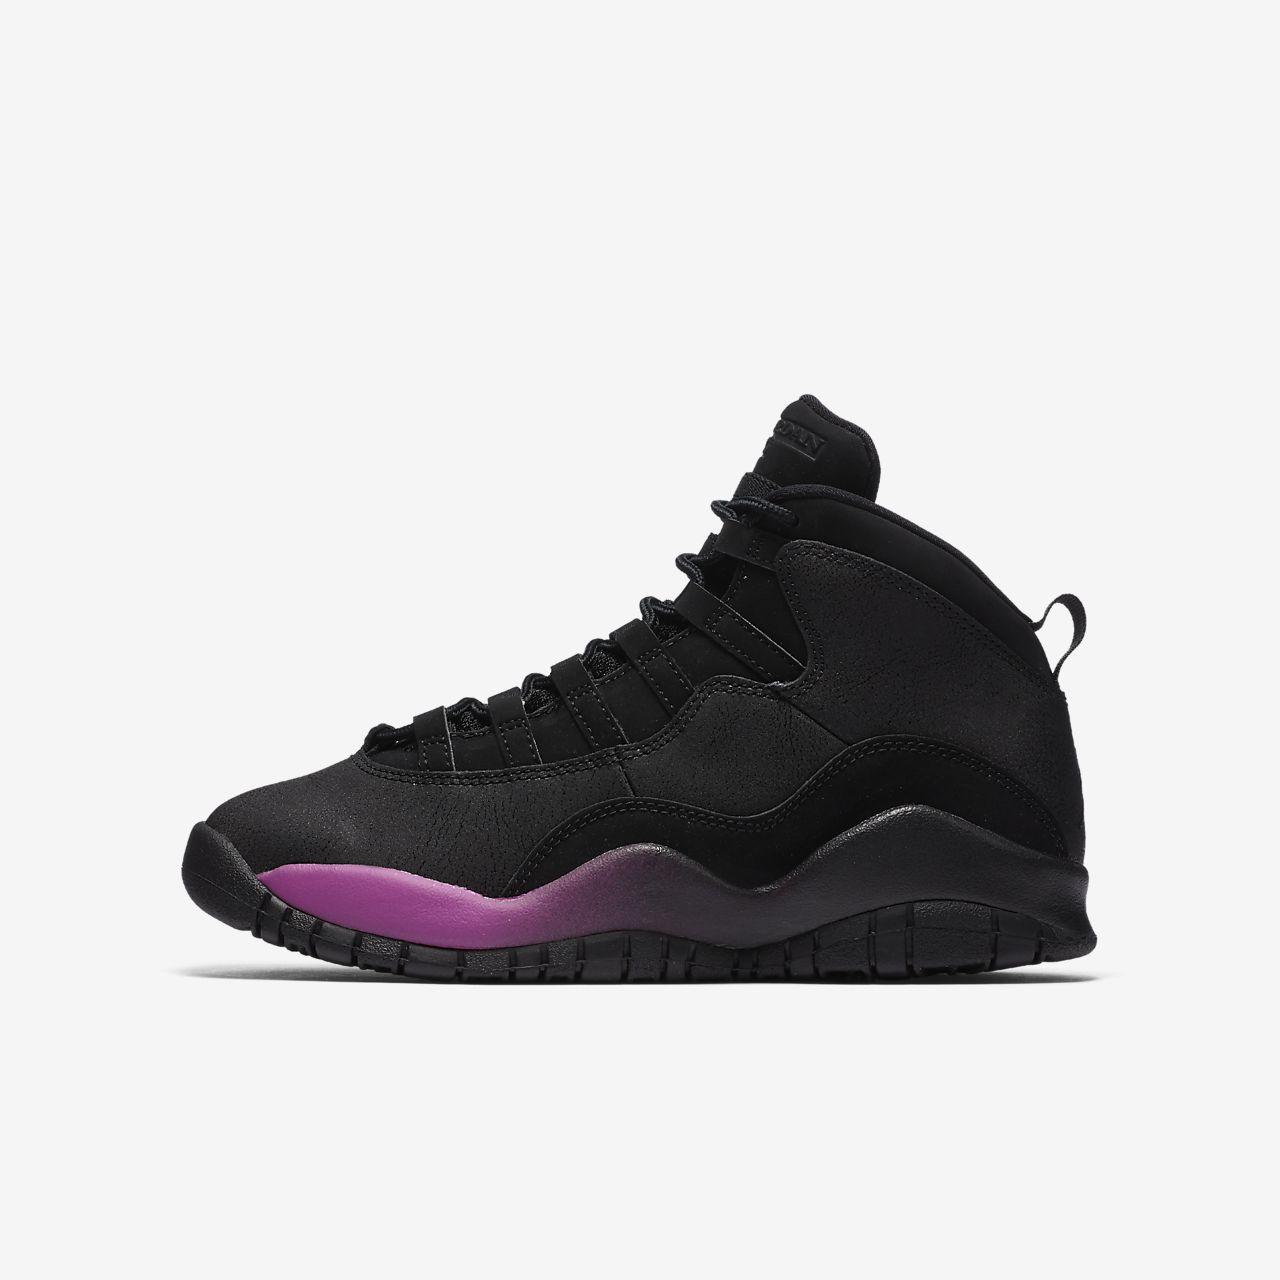 414765e1eace5 ... Air Jordan X Retro Zapatillas de baloncesto (35